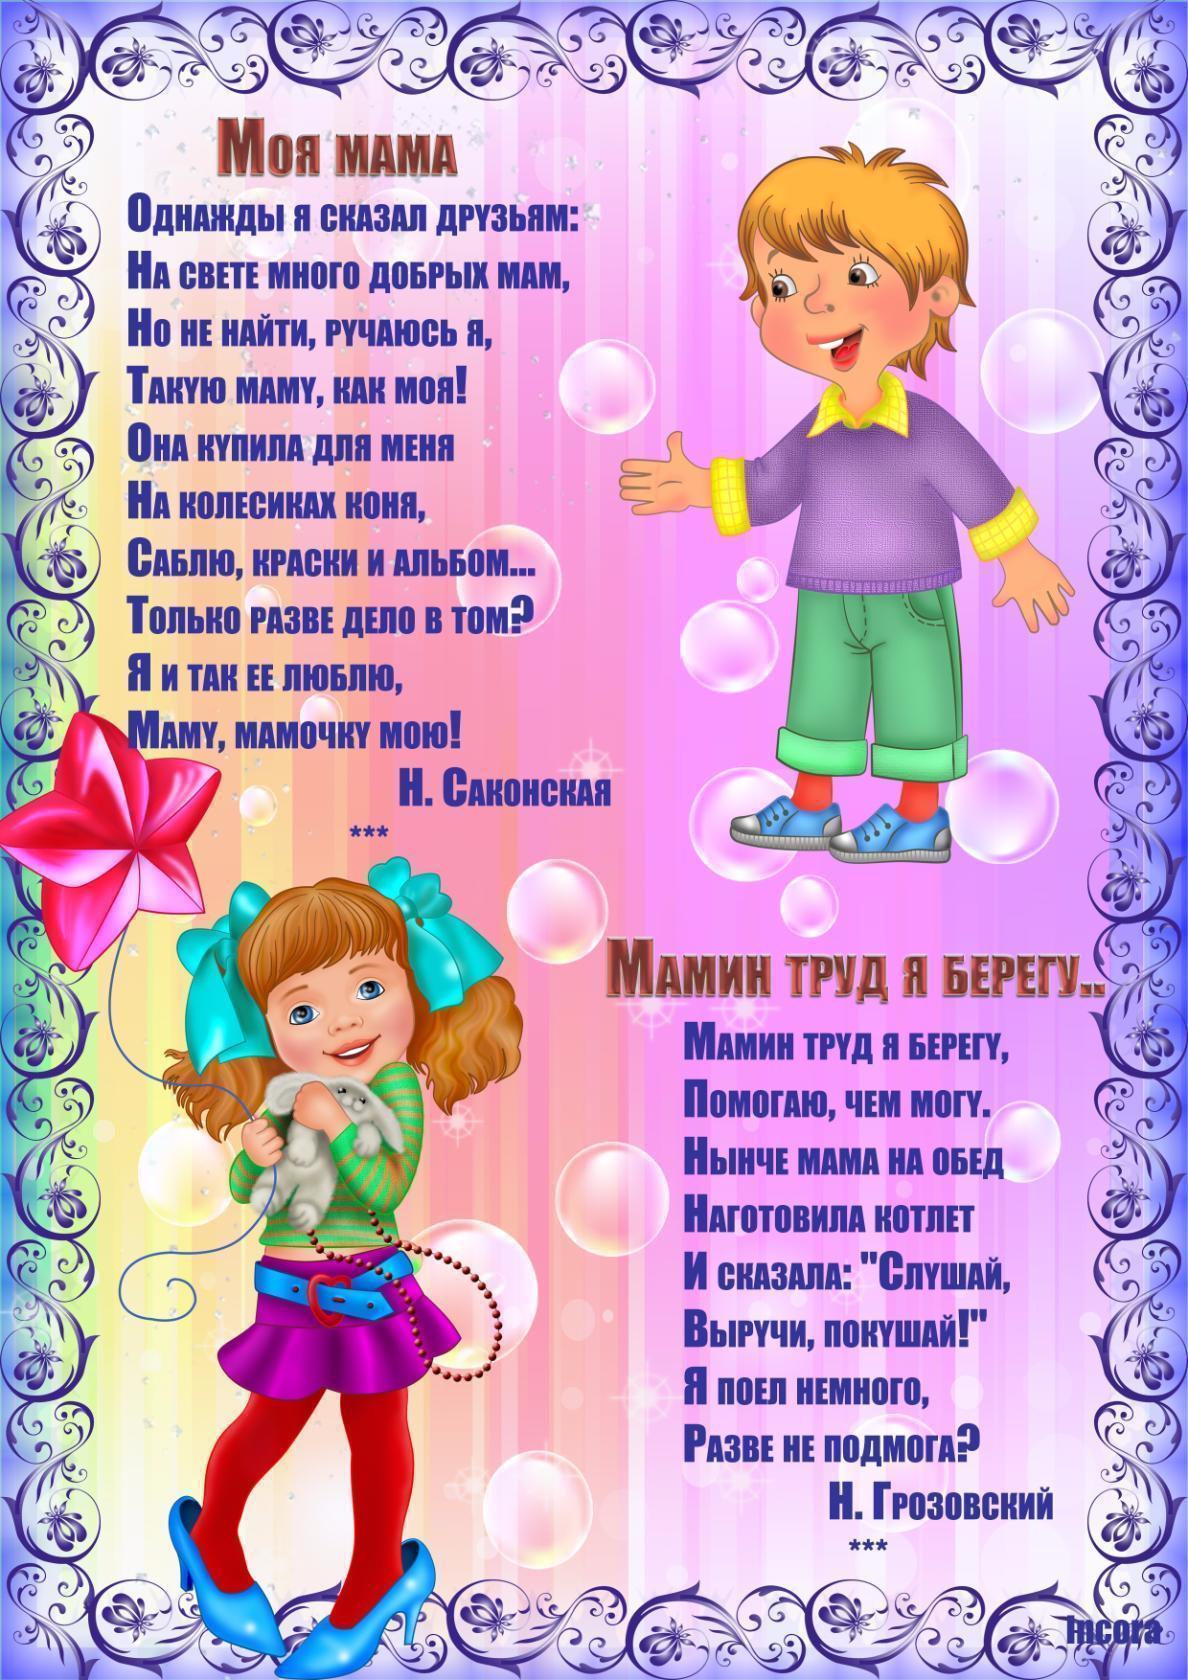 дорогостоящие стихи для всех мам на 8 марта 3 лет для